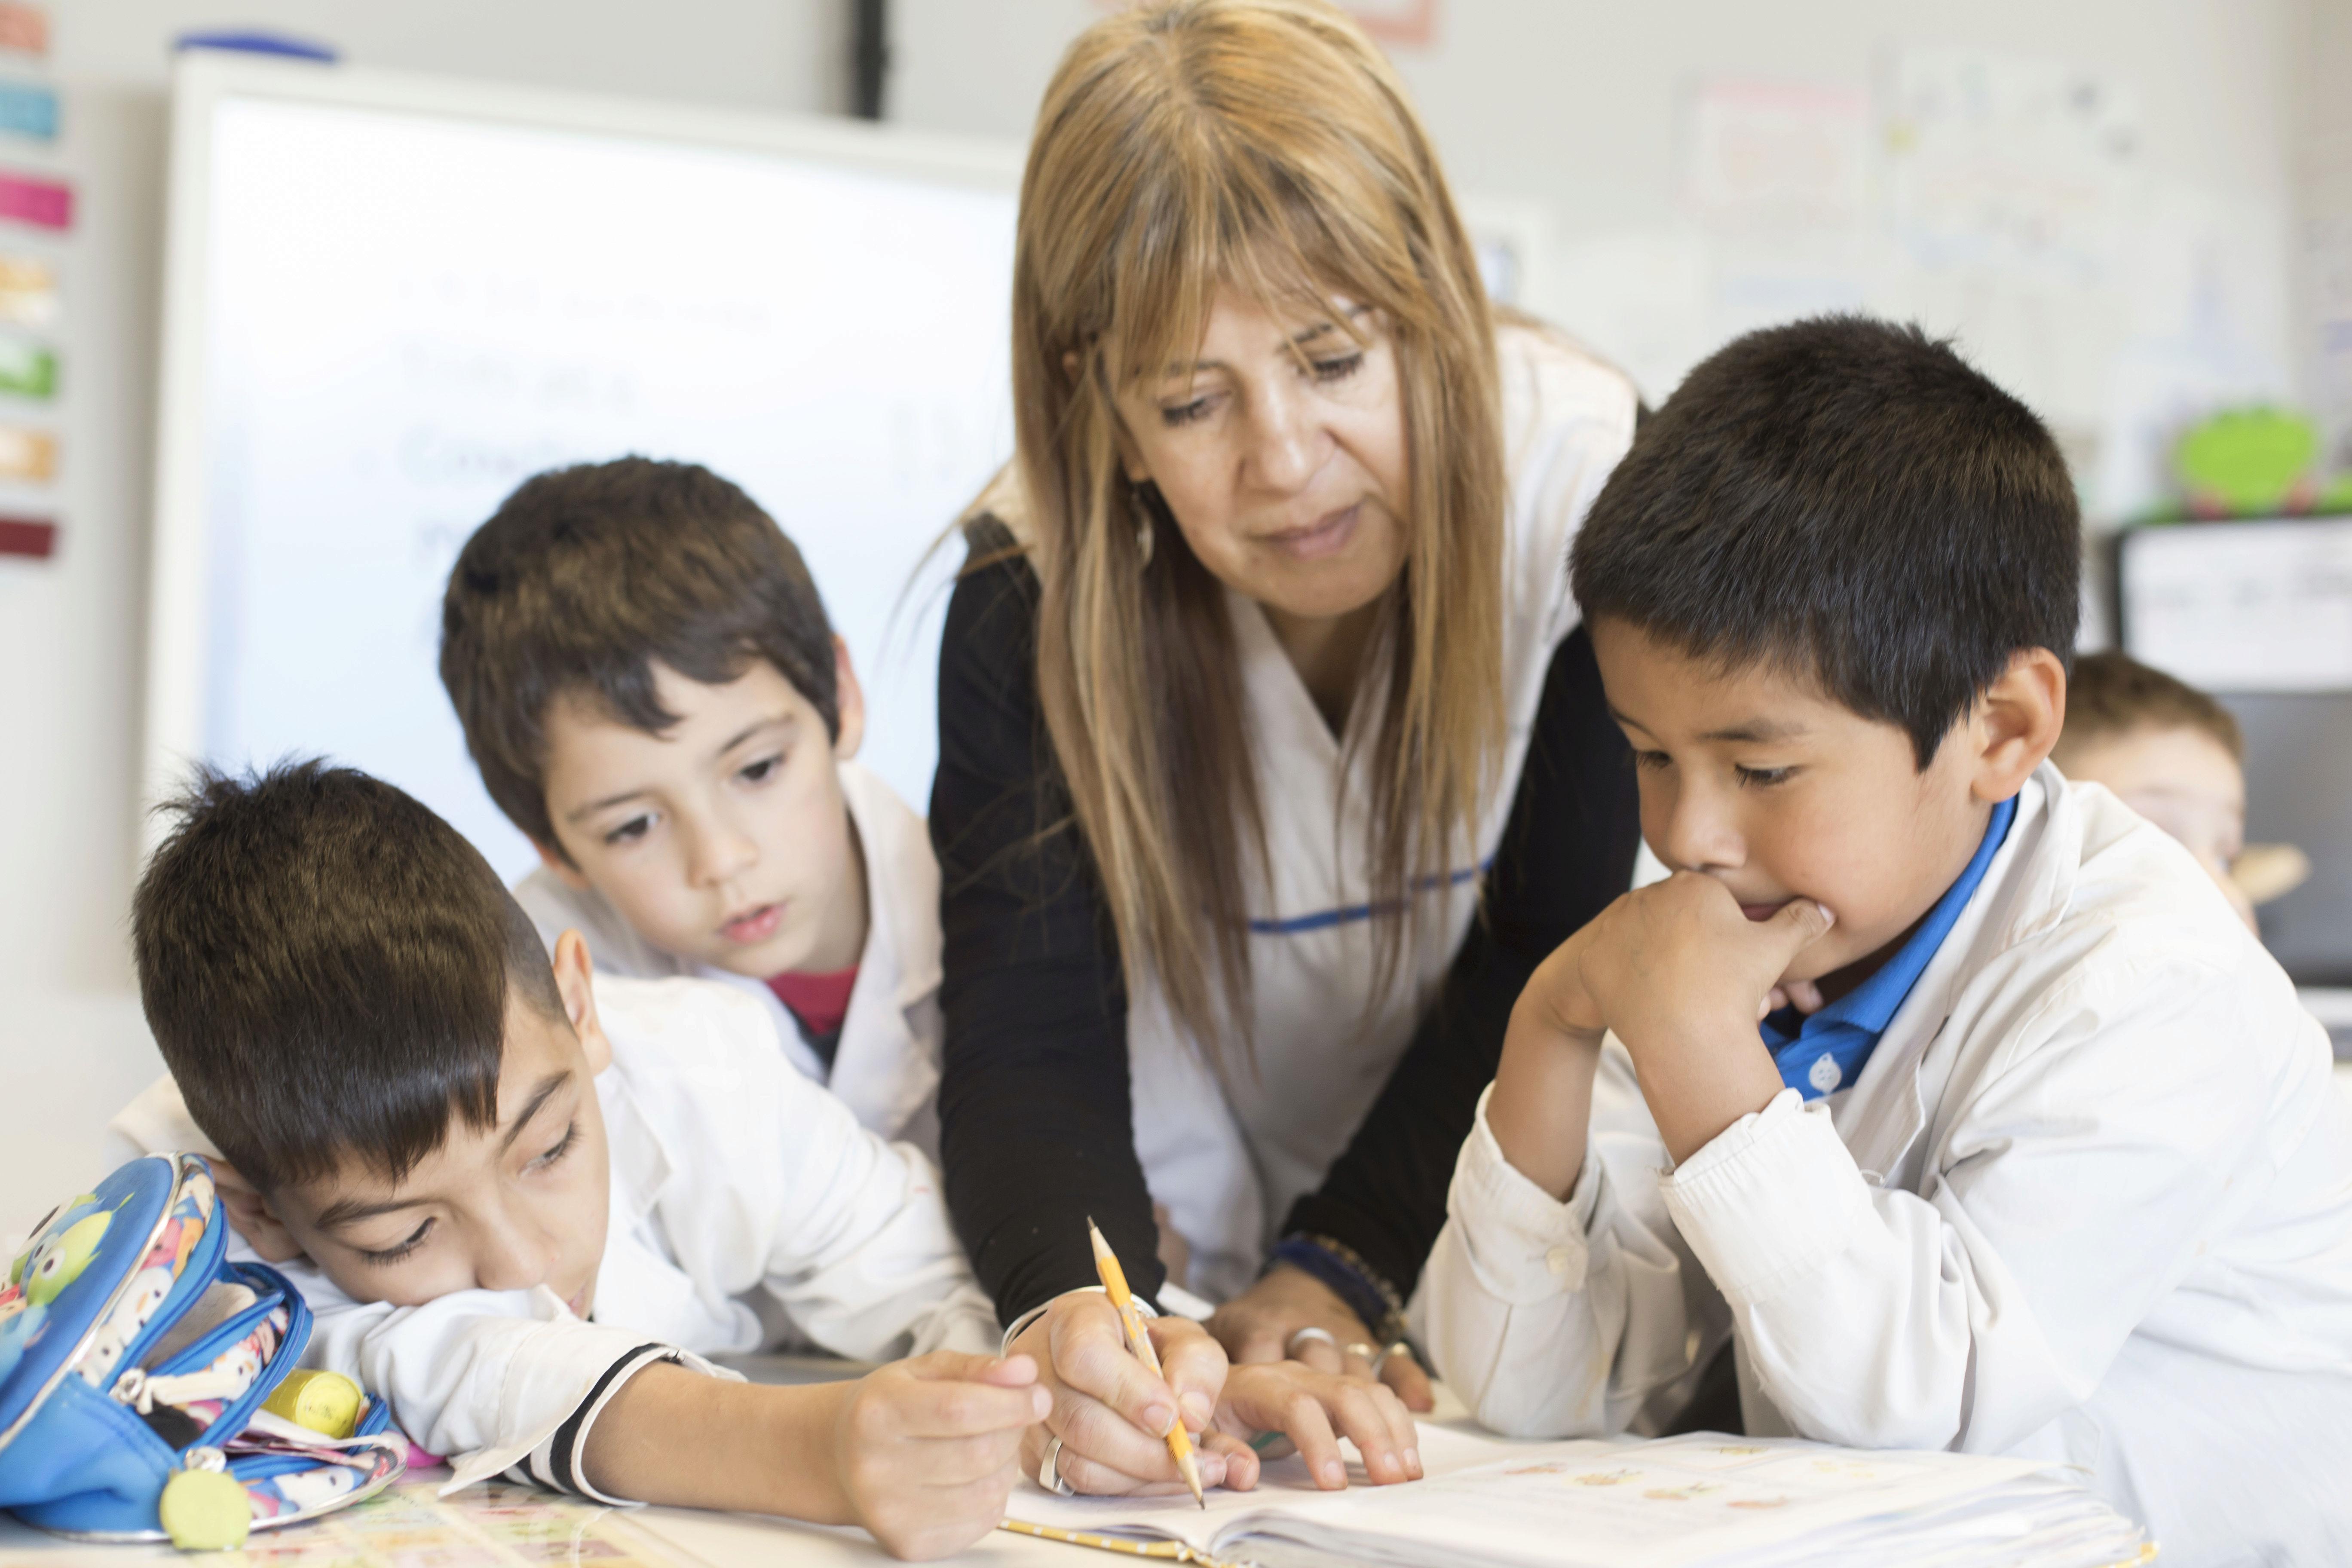 Prueban cambios en la forma de enseñar a leer y escribir